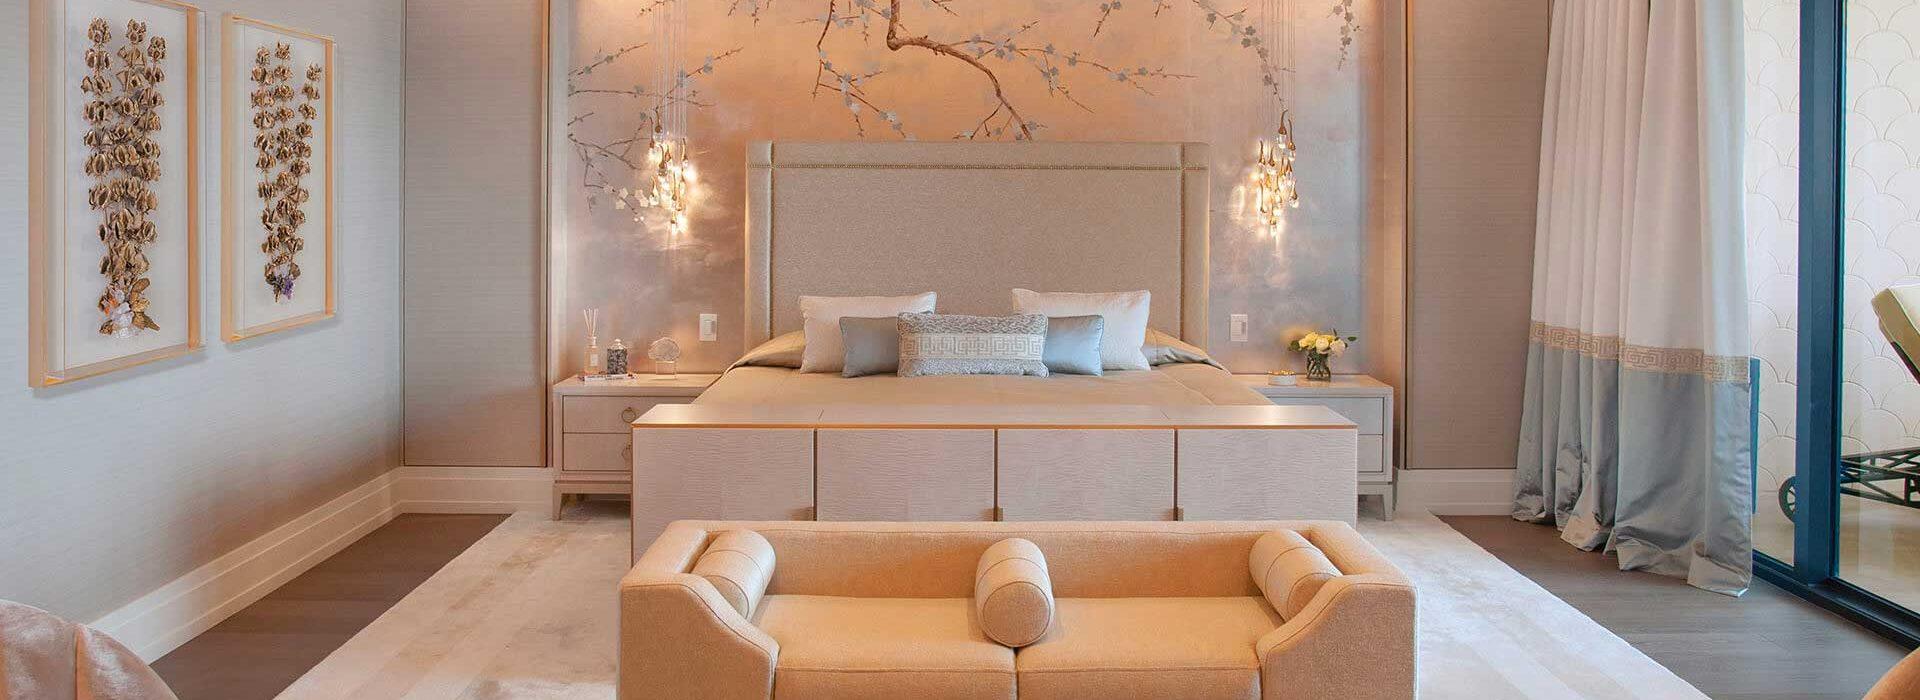 MIAMI-PENTHOUSE-13-Dome-interior-design-Geneve-Suisse